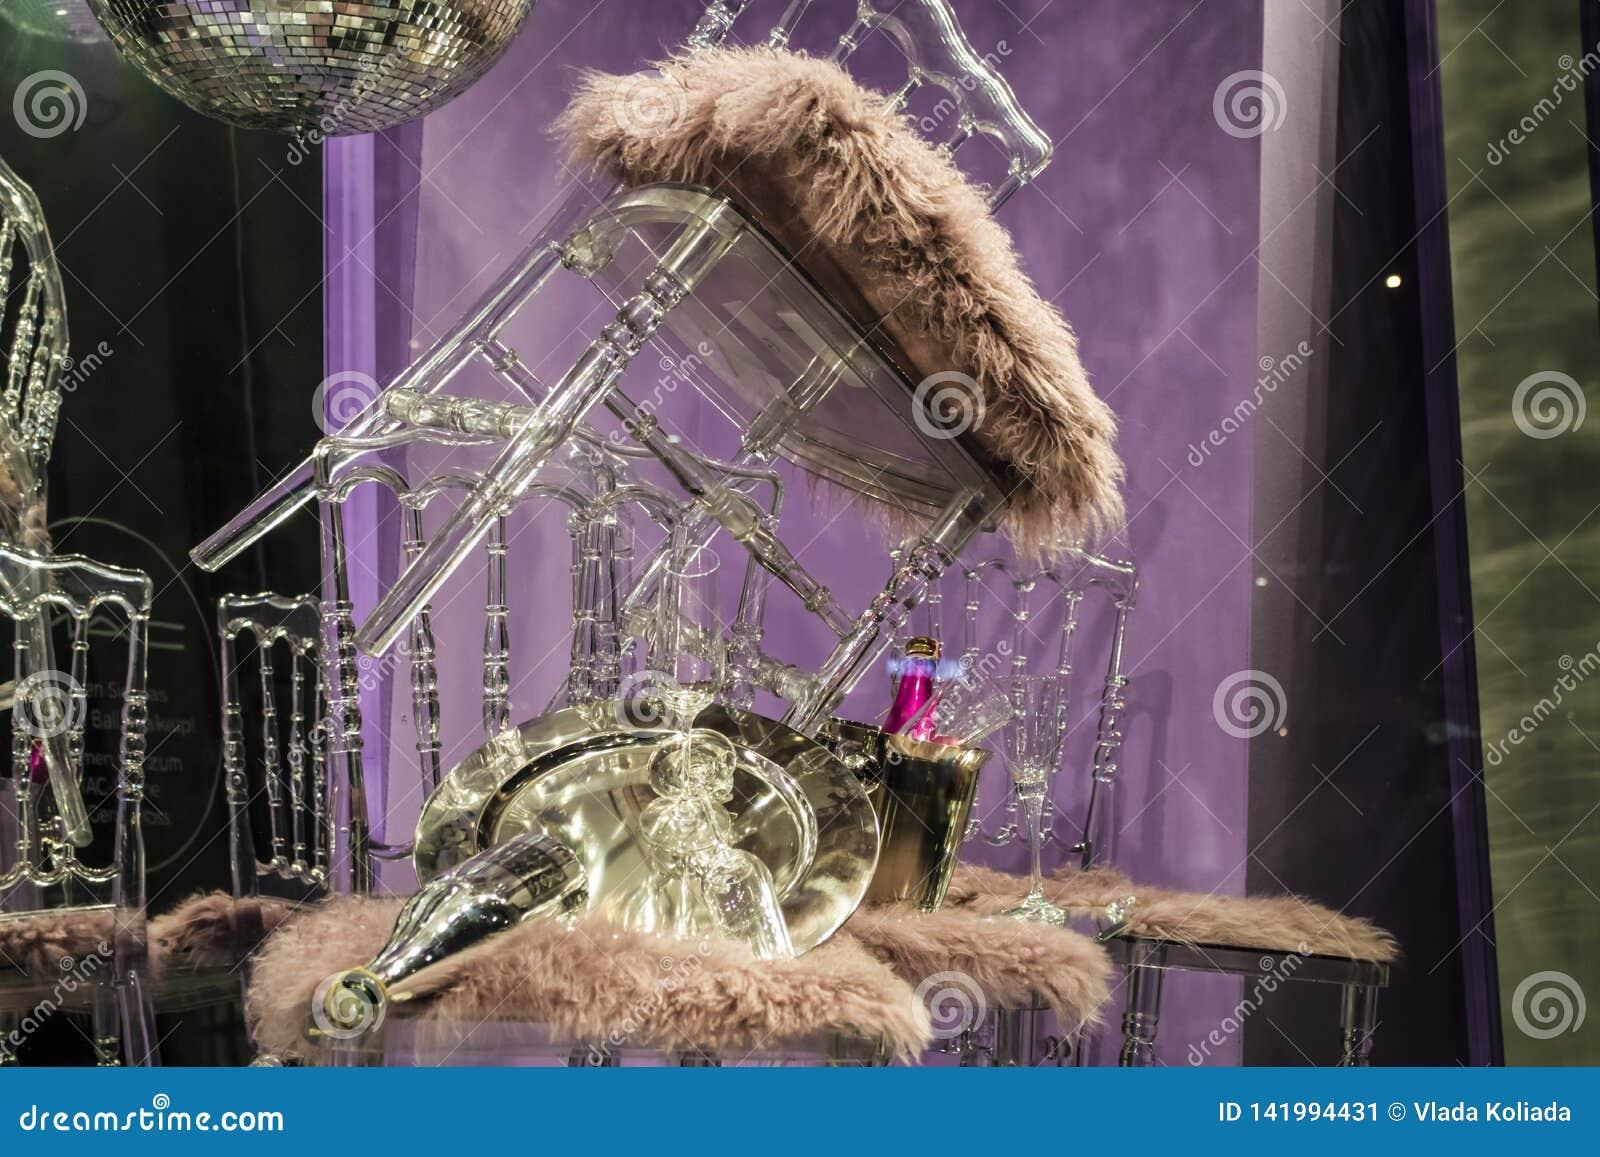 Разбросанные стулья и стекла, бутылки шампанского экспозиция Декоративное шоу-окно Розовые цветы Необыкновенное решение беспорядо